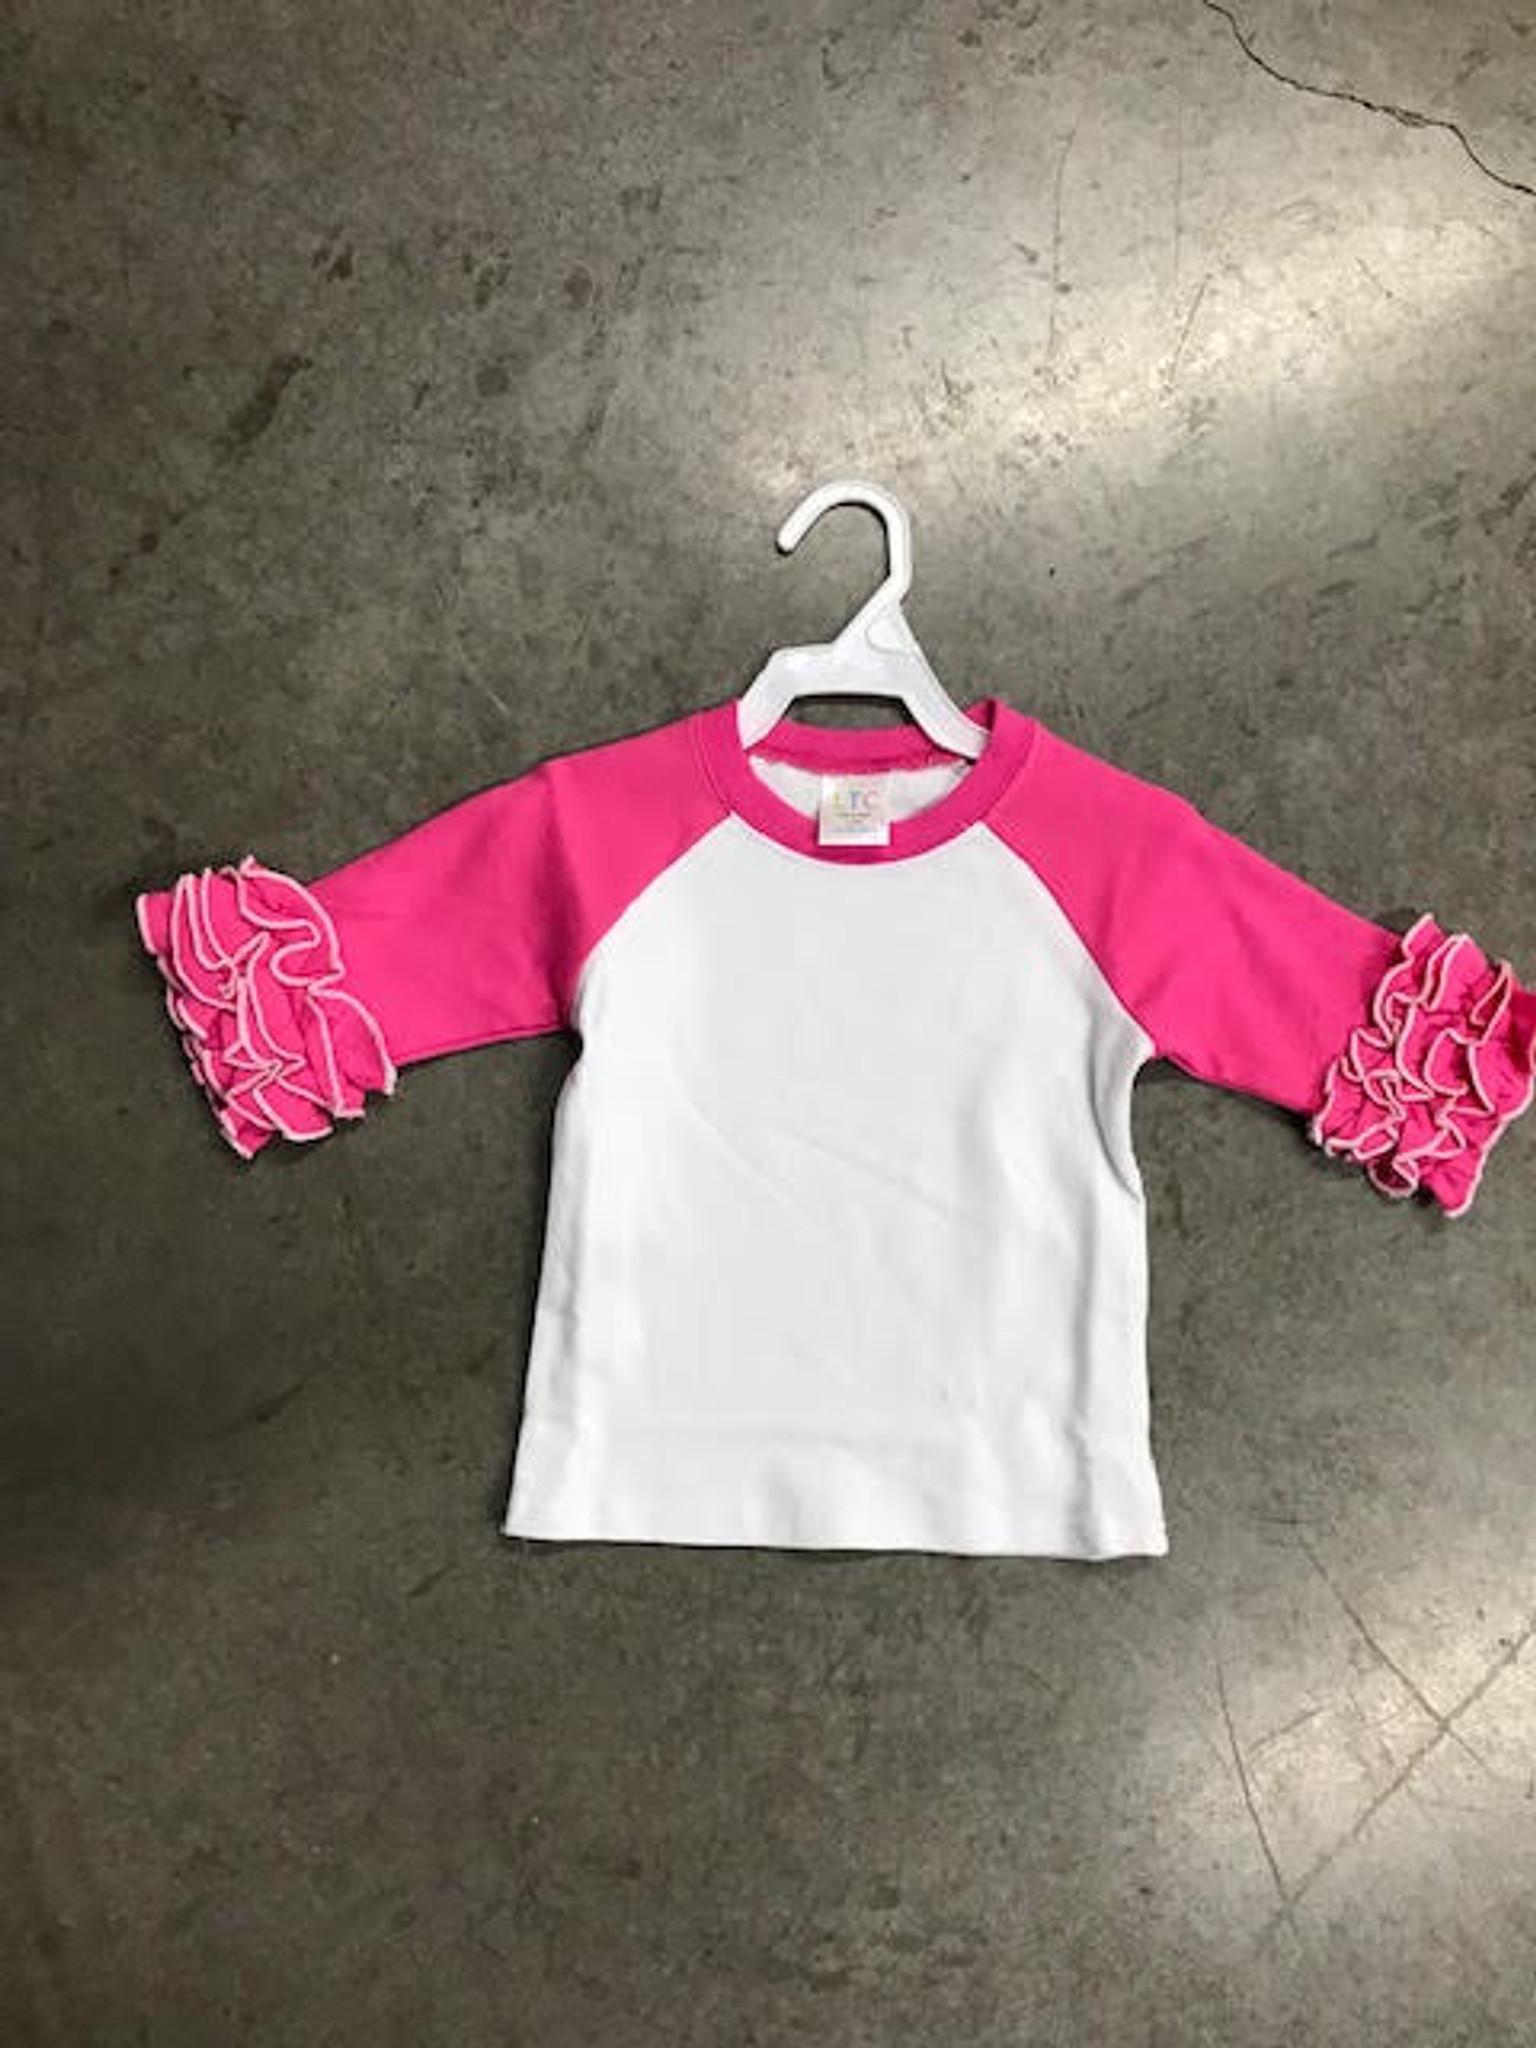 2017 Ruffle Raglan Shirt - SALE